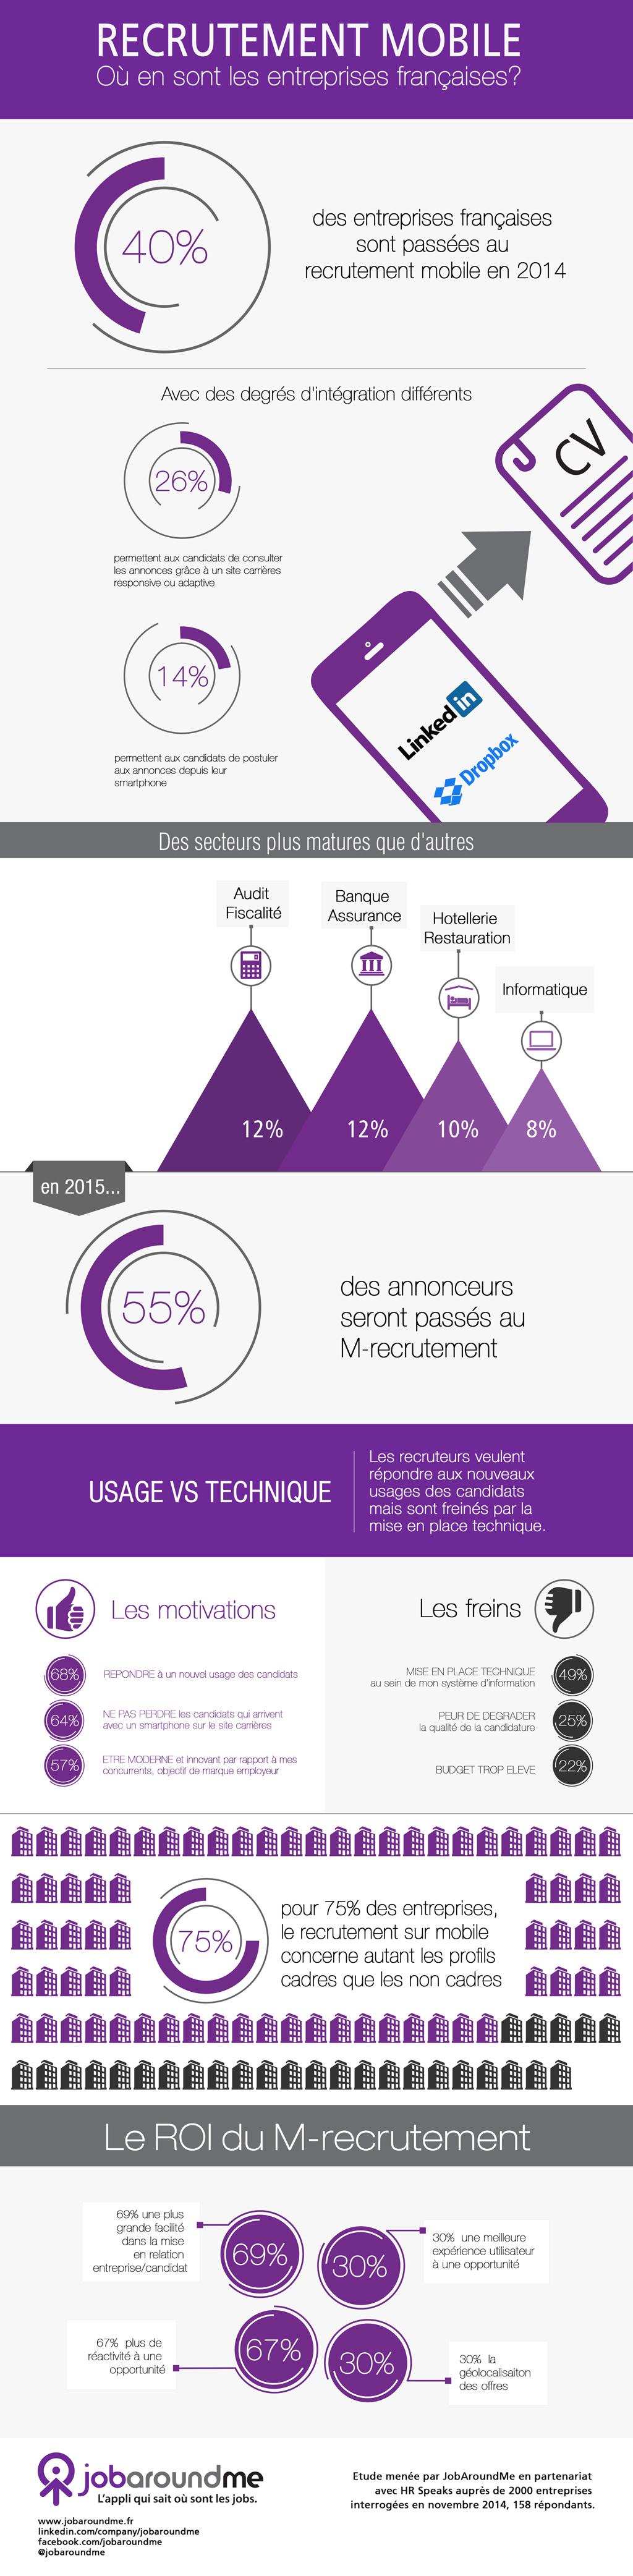 Recrutement mobile : où en sont les entreprises françaises ?